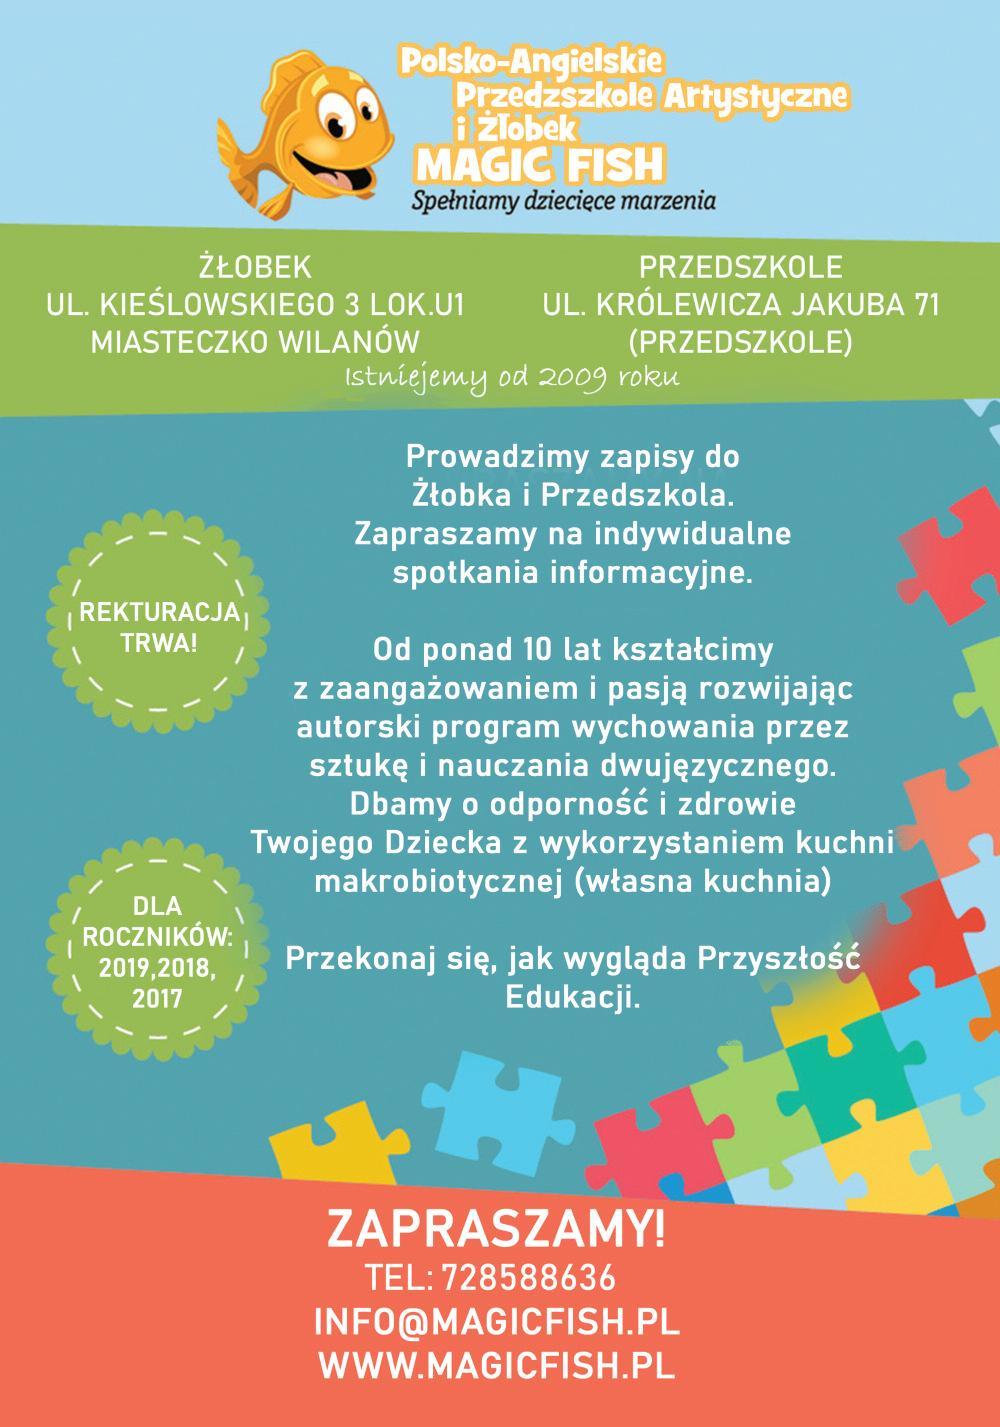 Page 20 of Wychowanie przez sztukę w polsko-angielskim przedszkolu Magic Fish